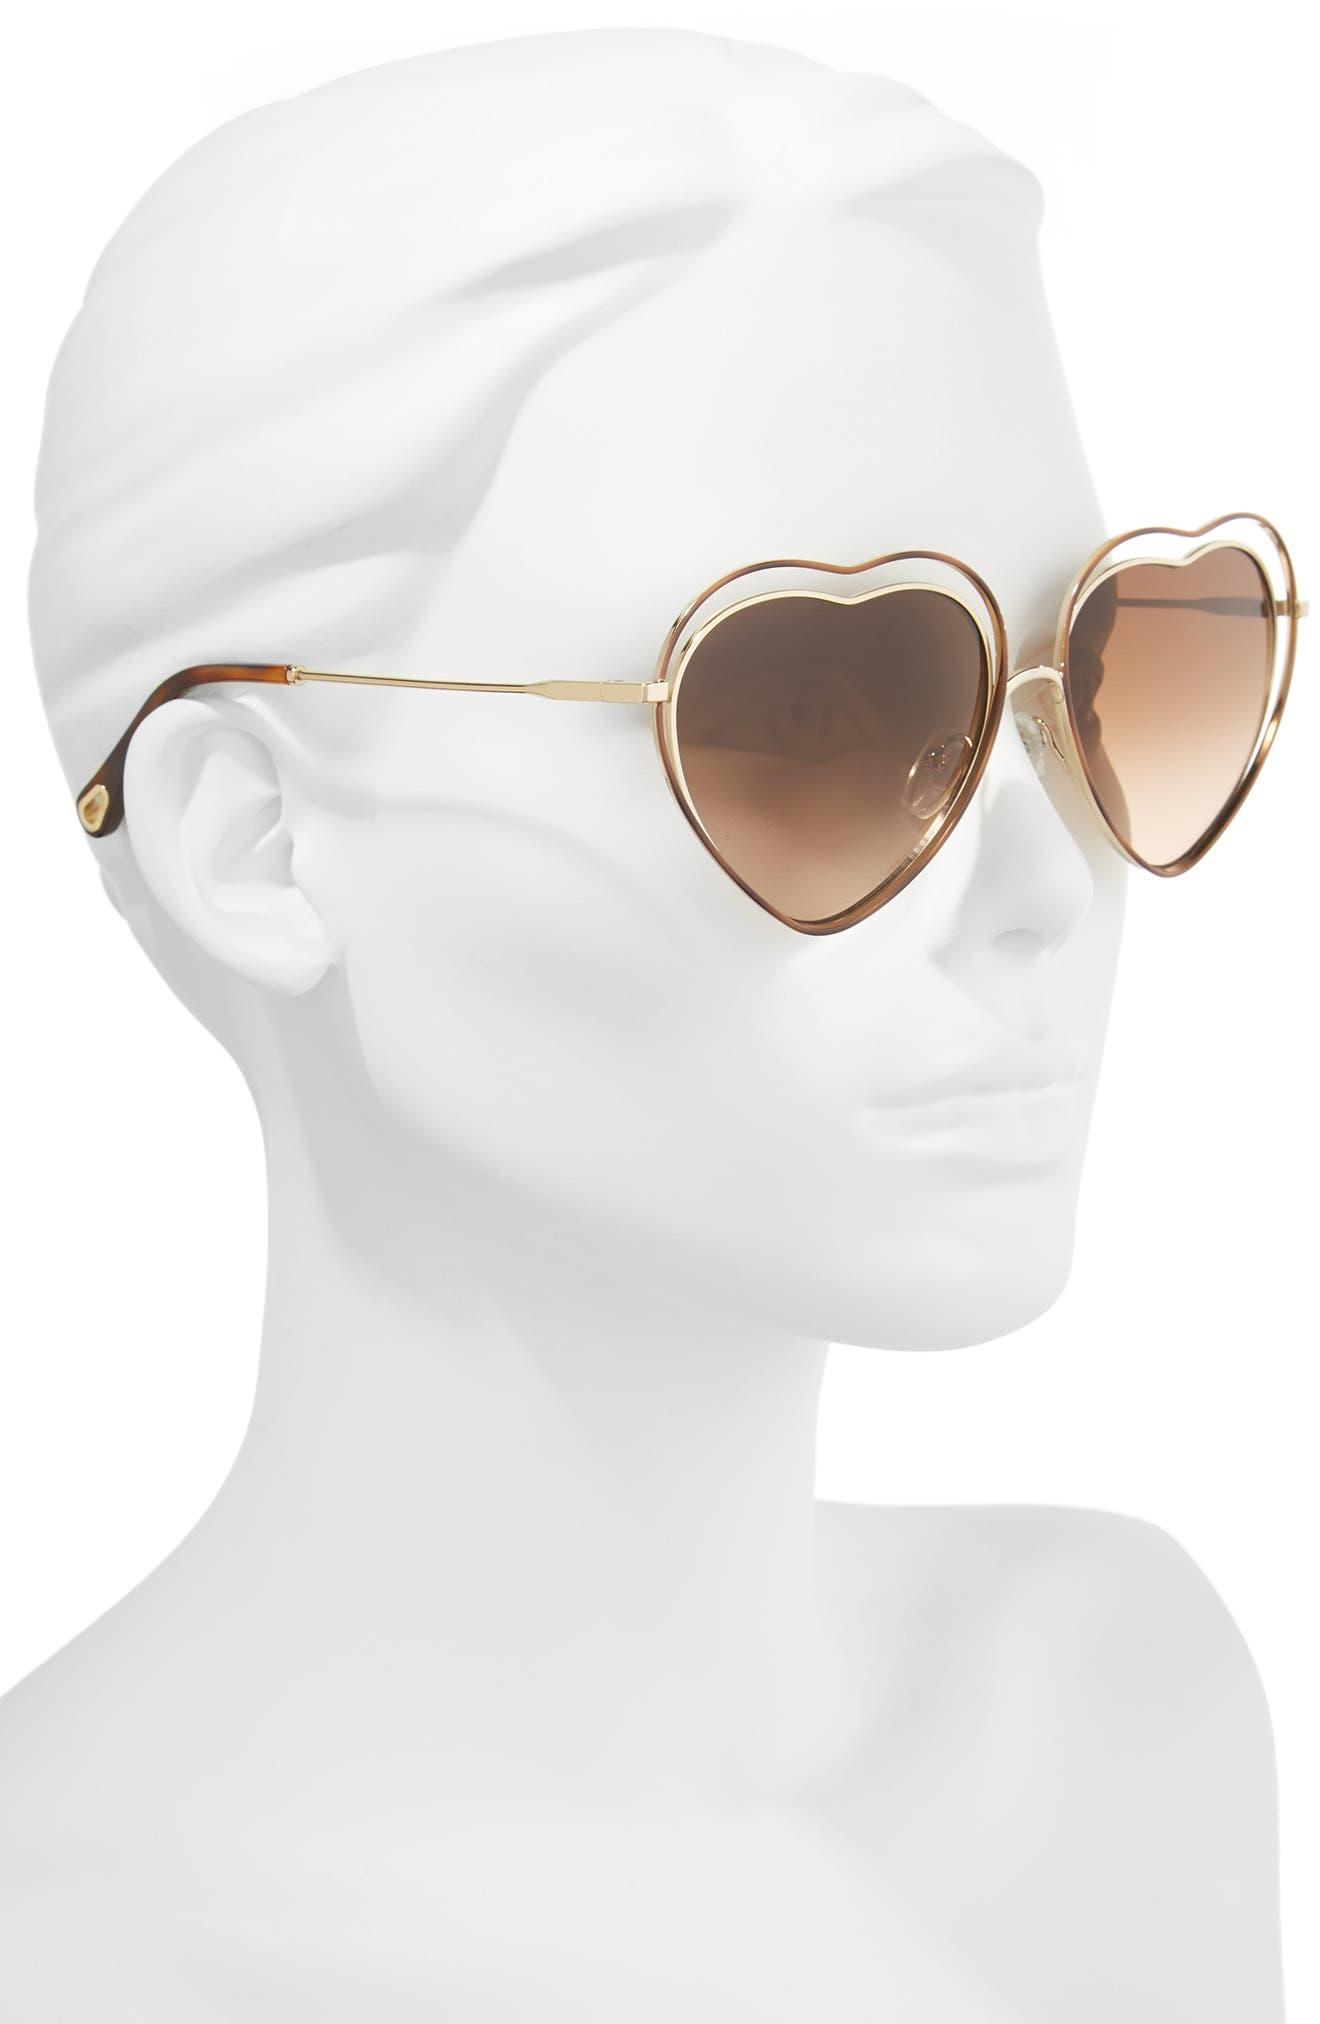 Poppy Love Heart Sunglasses,                             Alternate thumbnail 2, color,                             213